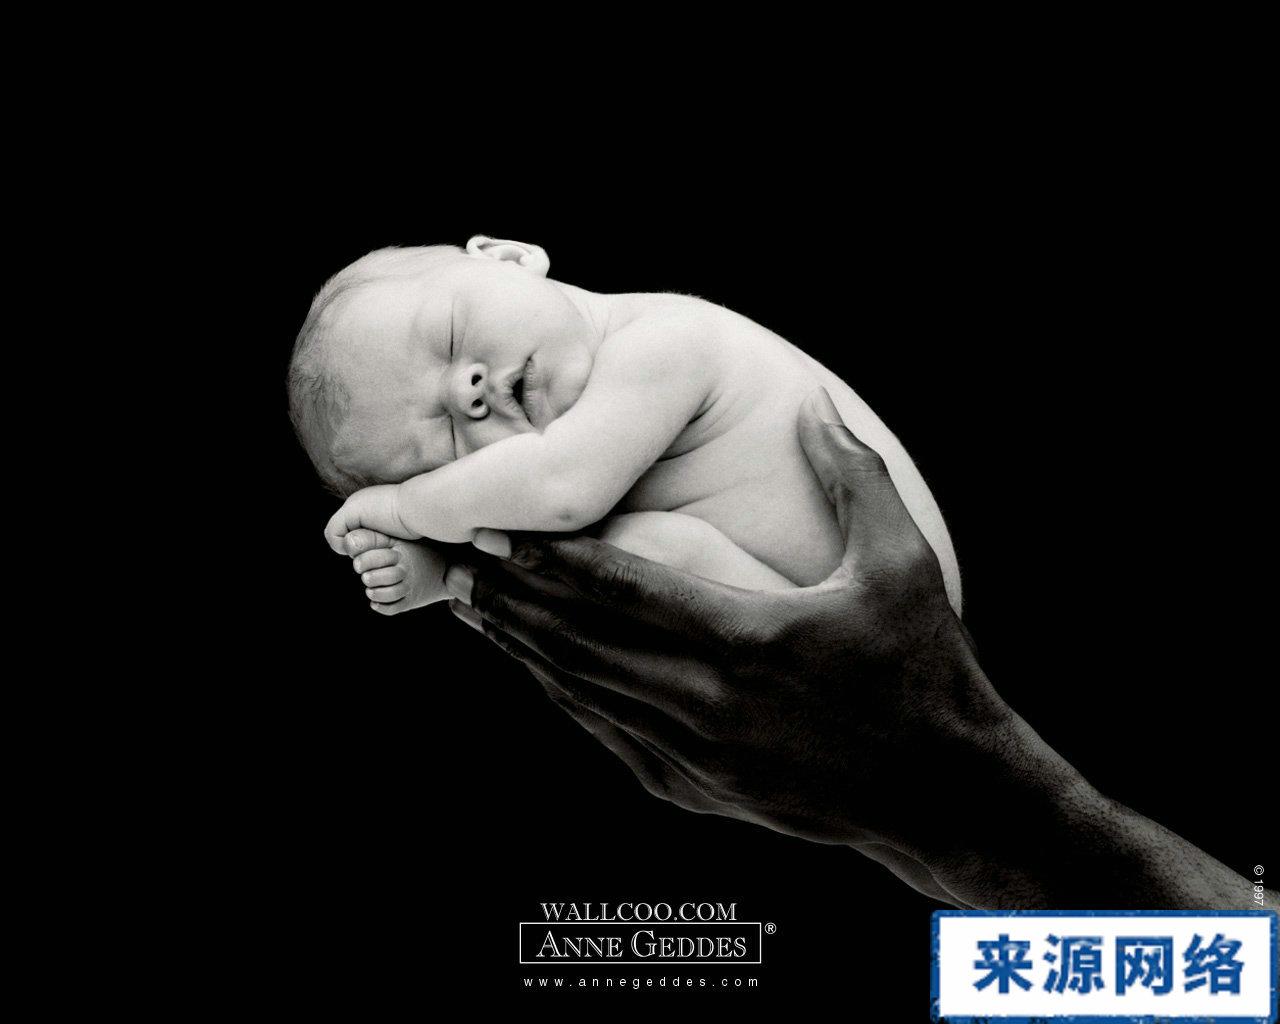 月子期间买的最有用的母婴用品是什么?